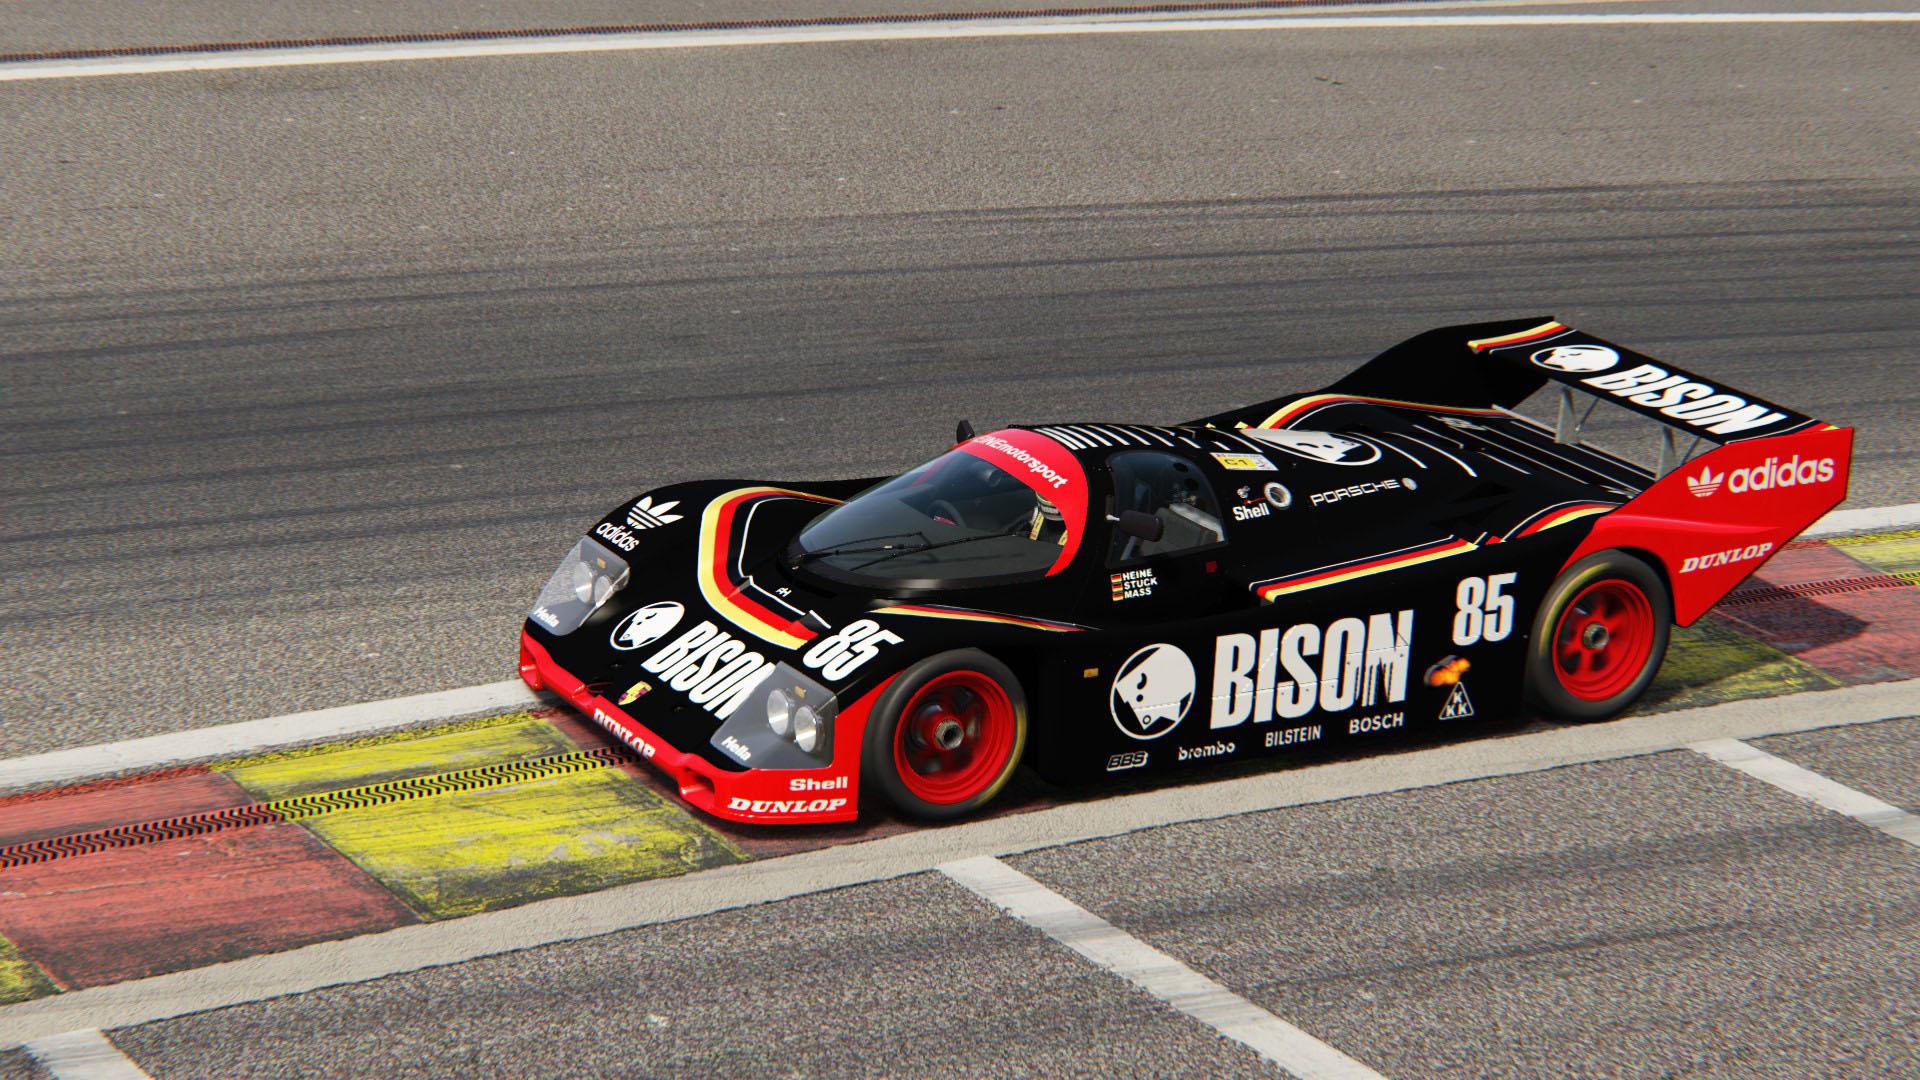 bison_962_03.jpg